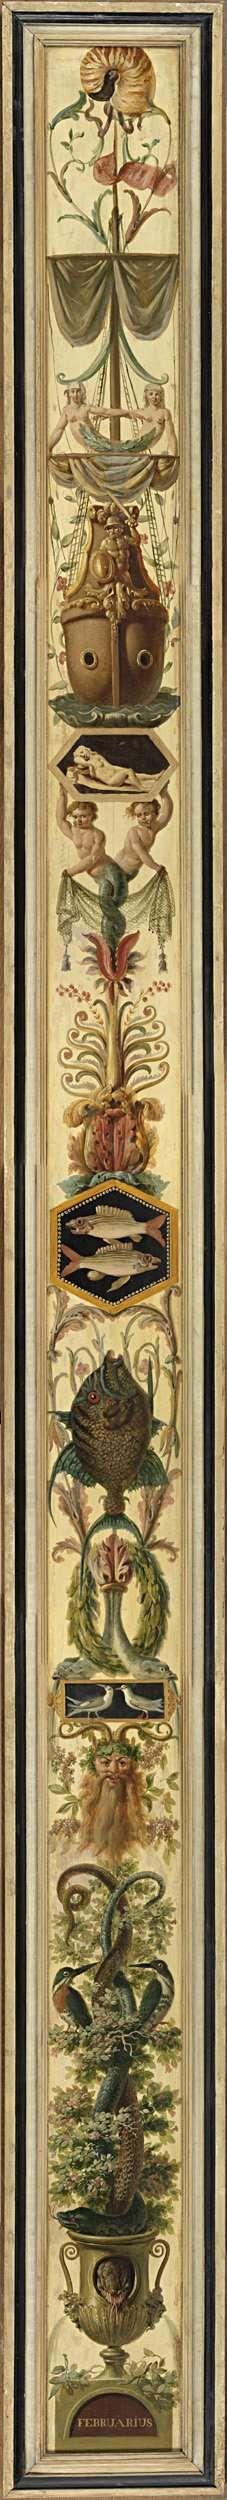 Negen maanden met de tekens van de dierenriem: Februari met het teken van de vissen, Jan Kamphuysen, 1790 - 1791